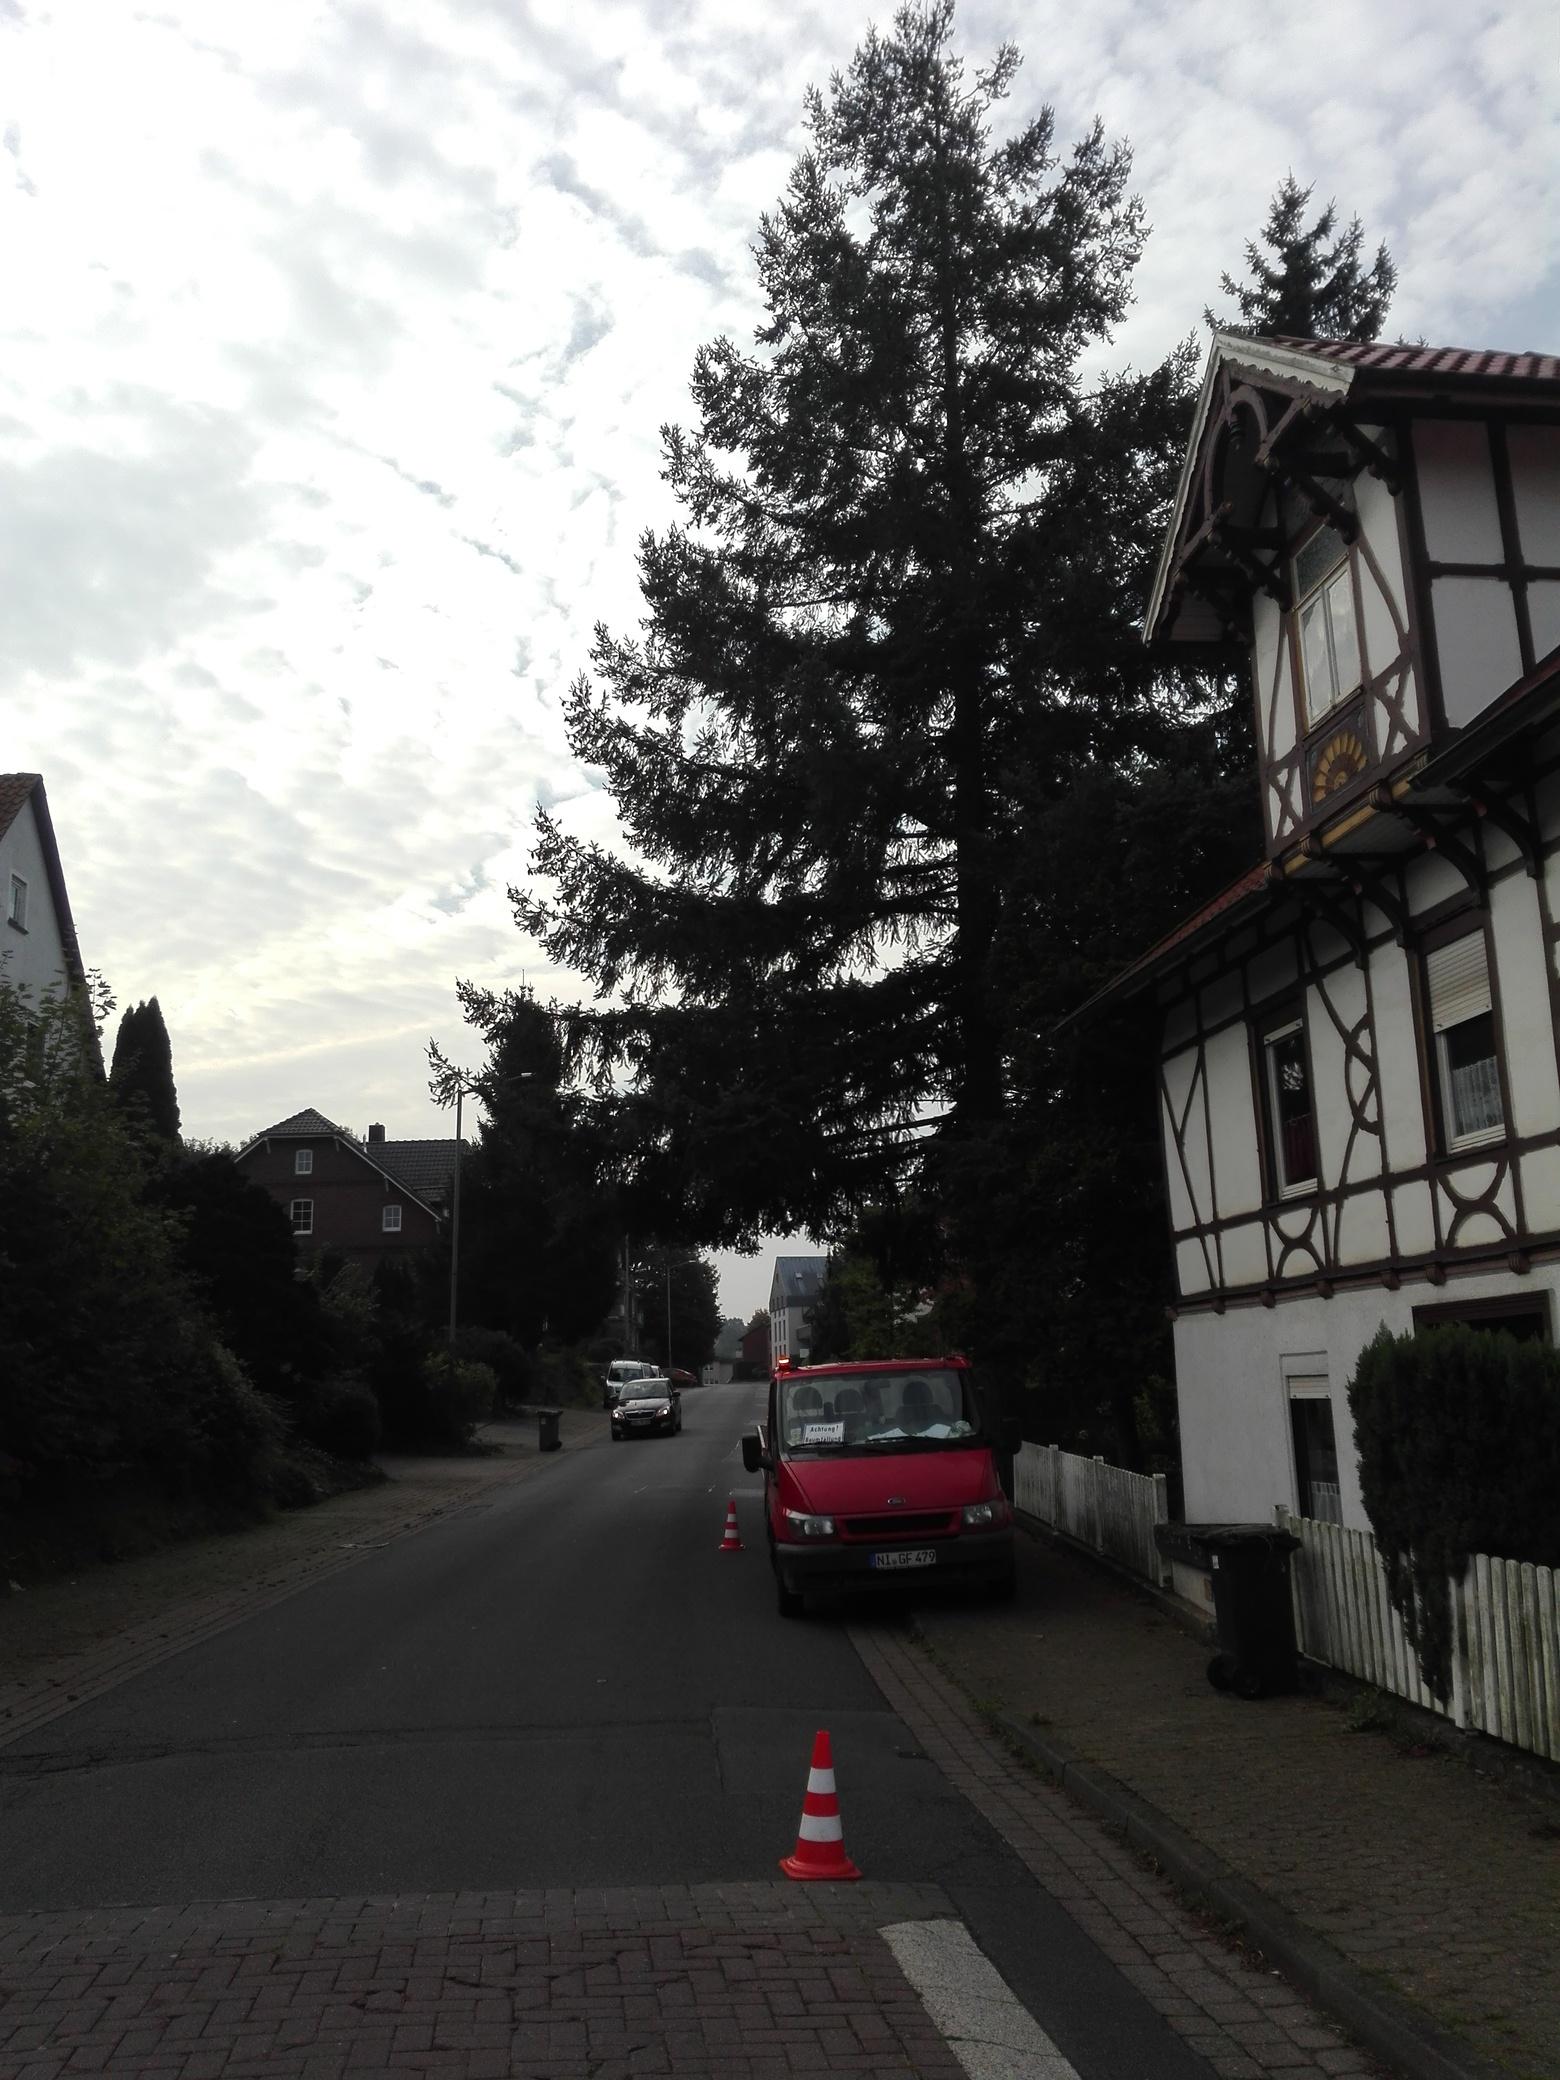 11. Bildergalerie - mammutbaum-lesse.de